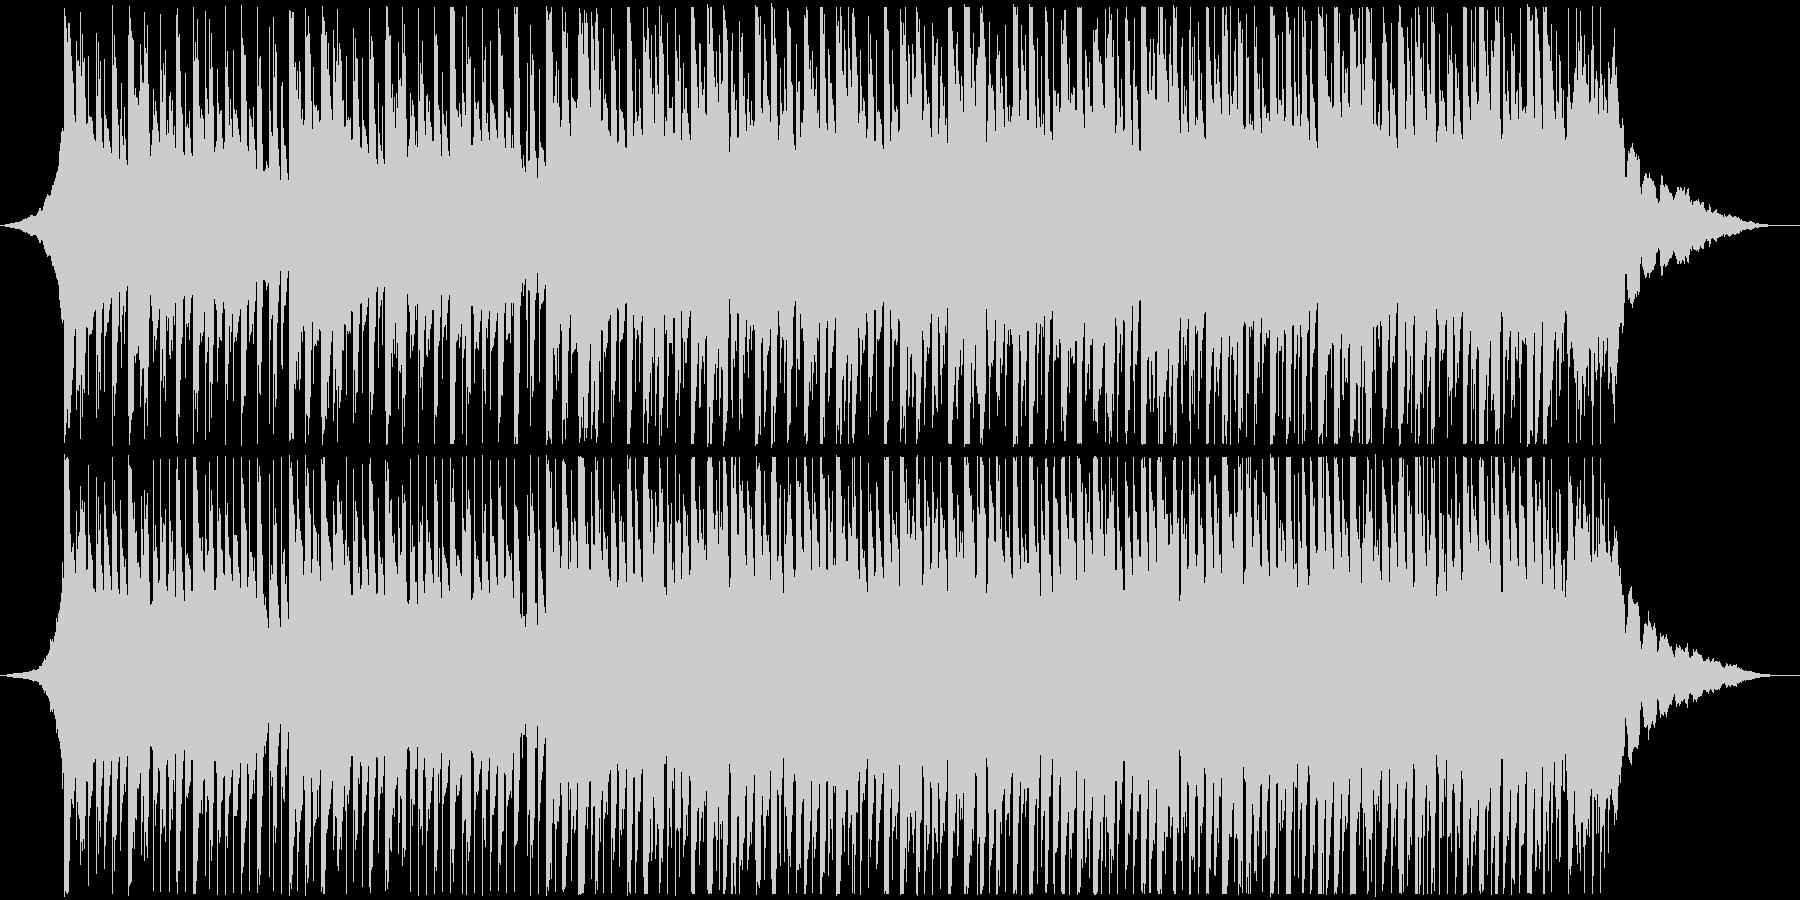 メディカルコーポレート(60秒)の未再生の波形